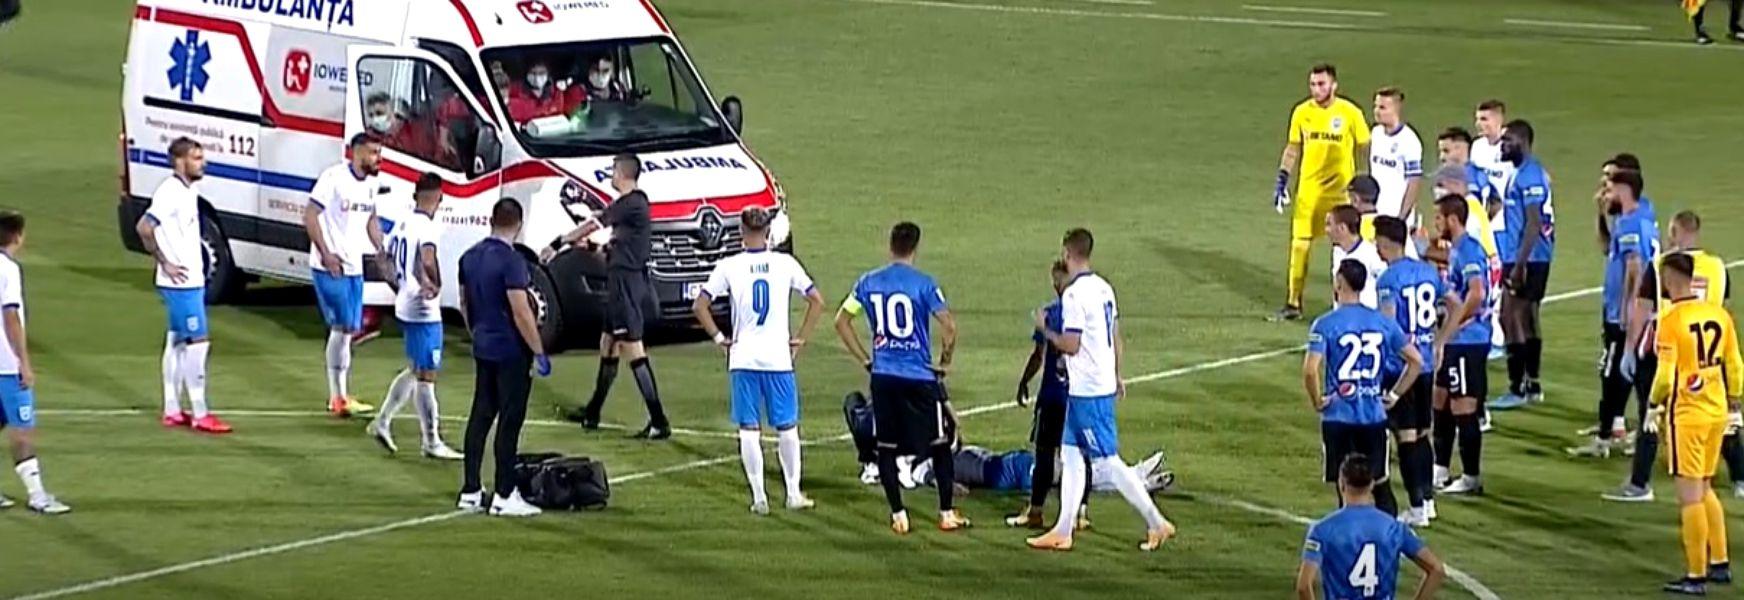 Alexandru Cicâldău lovit grav pe teren de un jucător de la Viitorul